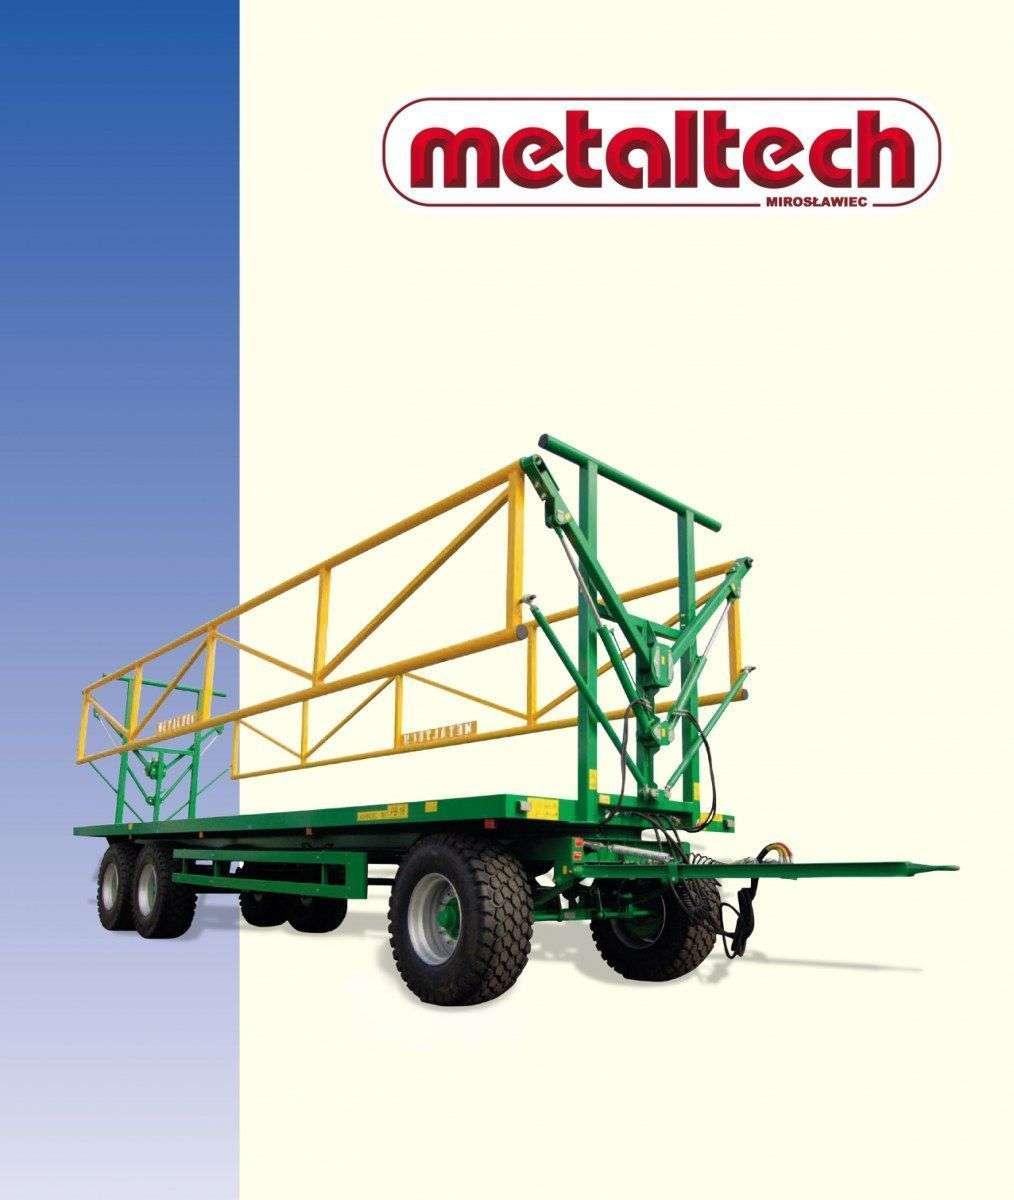 Przyczep firmy Metaltech seria PB zdjęcie z prawej strony powyżej logo Metaltech